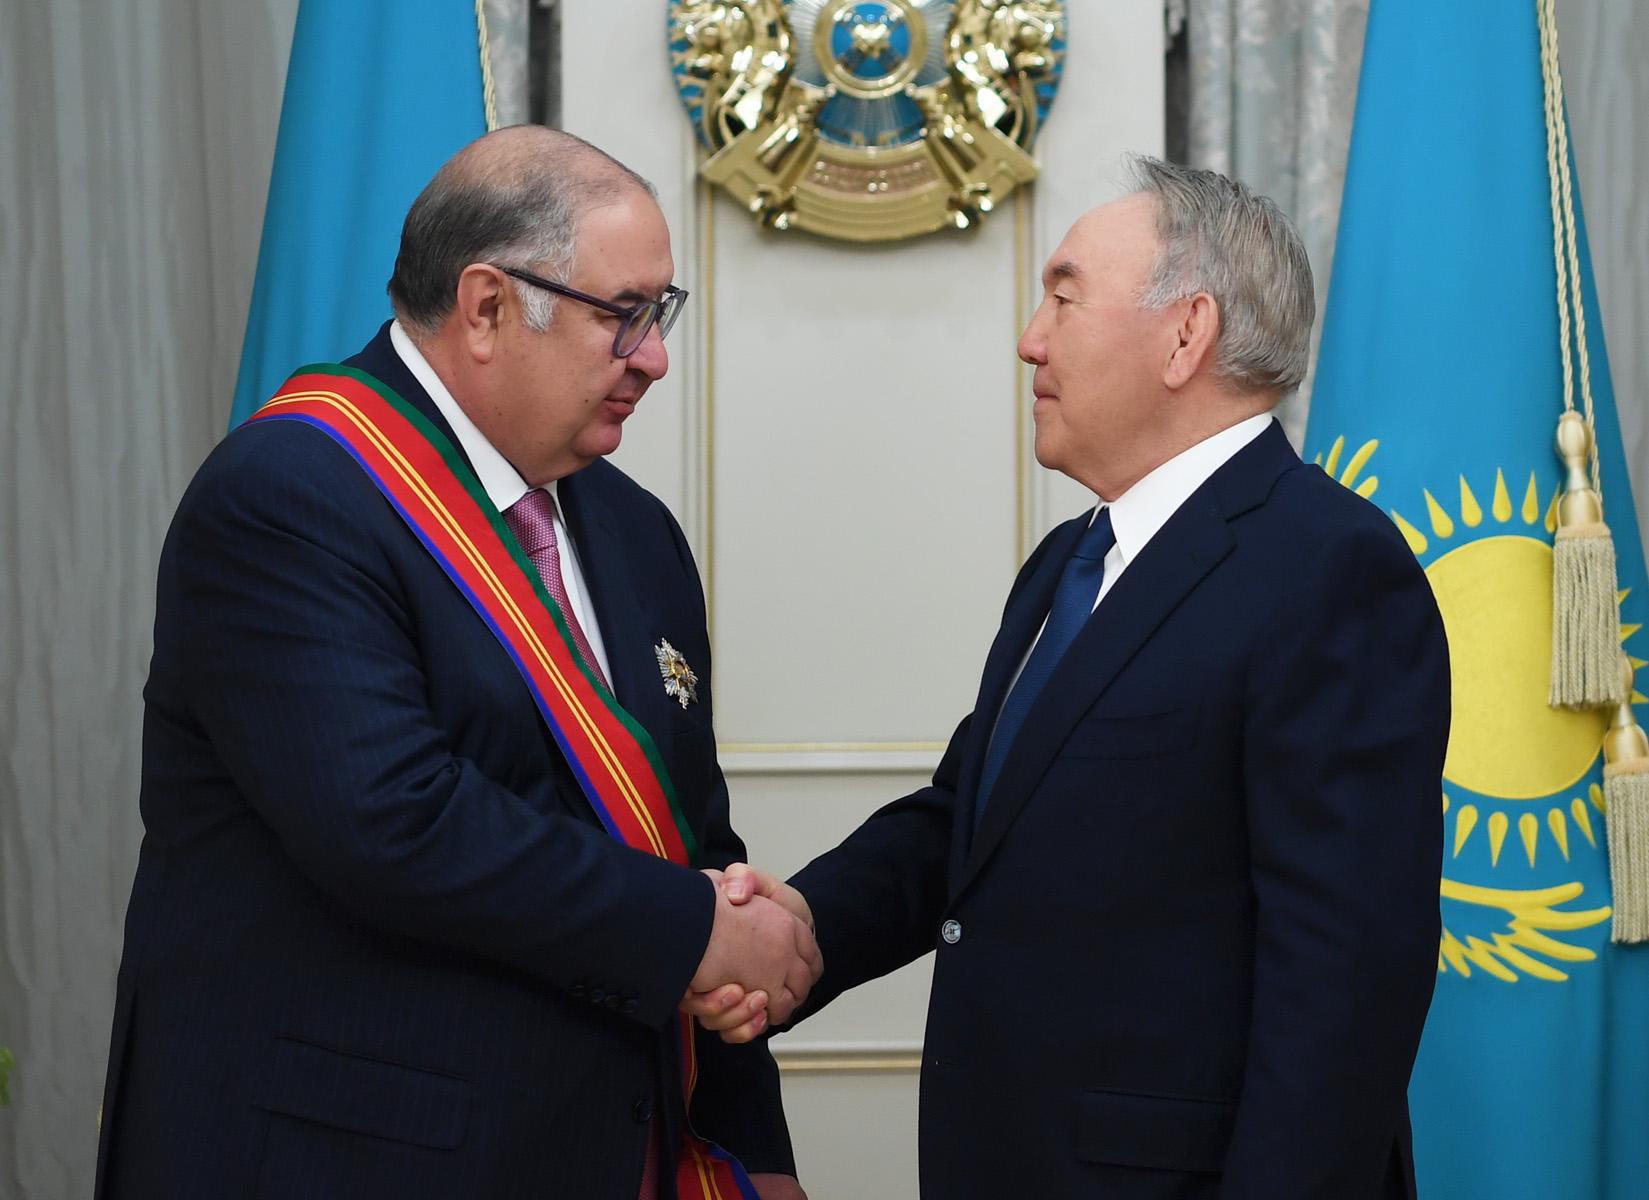 Нурсултан Назарбаев наградил учредителя компании «USM Holdings» орденом «Достық»